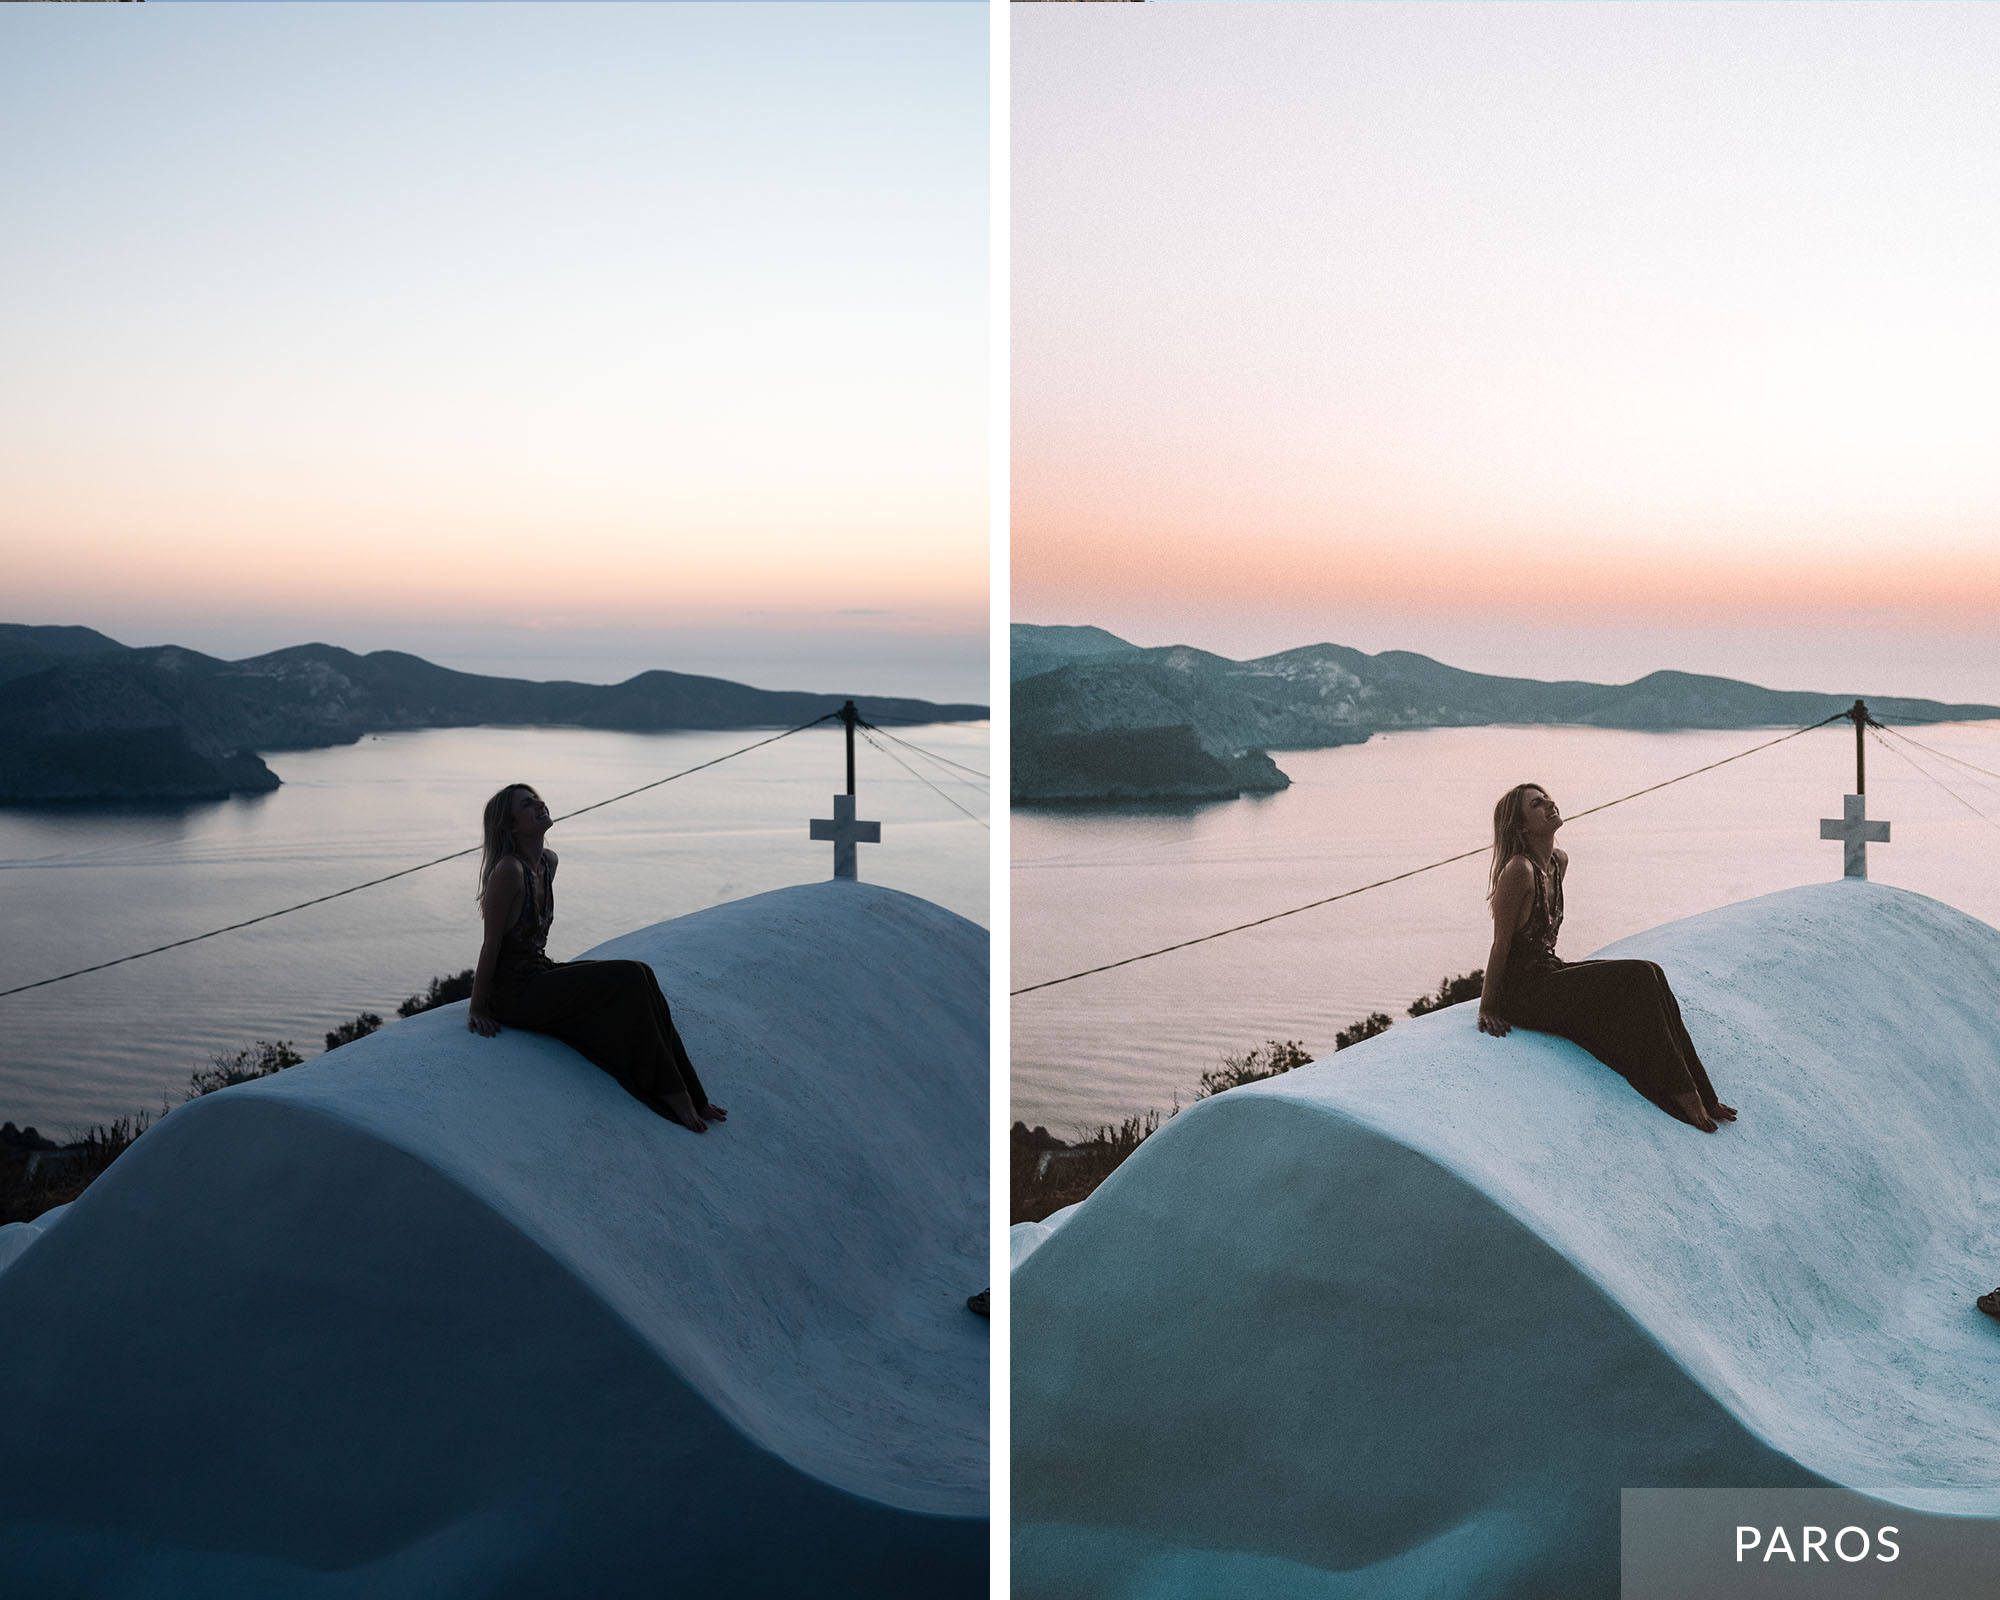 PAROS - Find Us Lost Greek Islands Lightroom Mobile Preset Collection